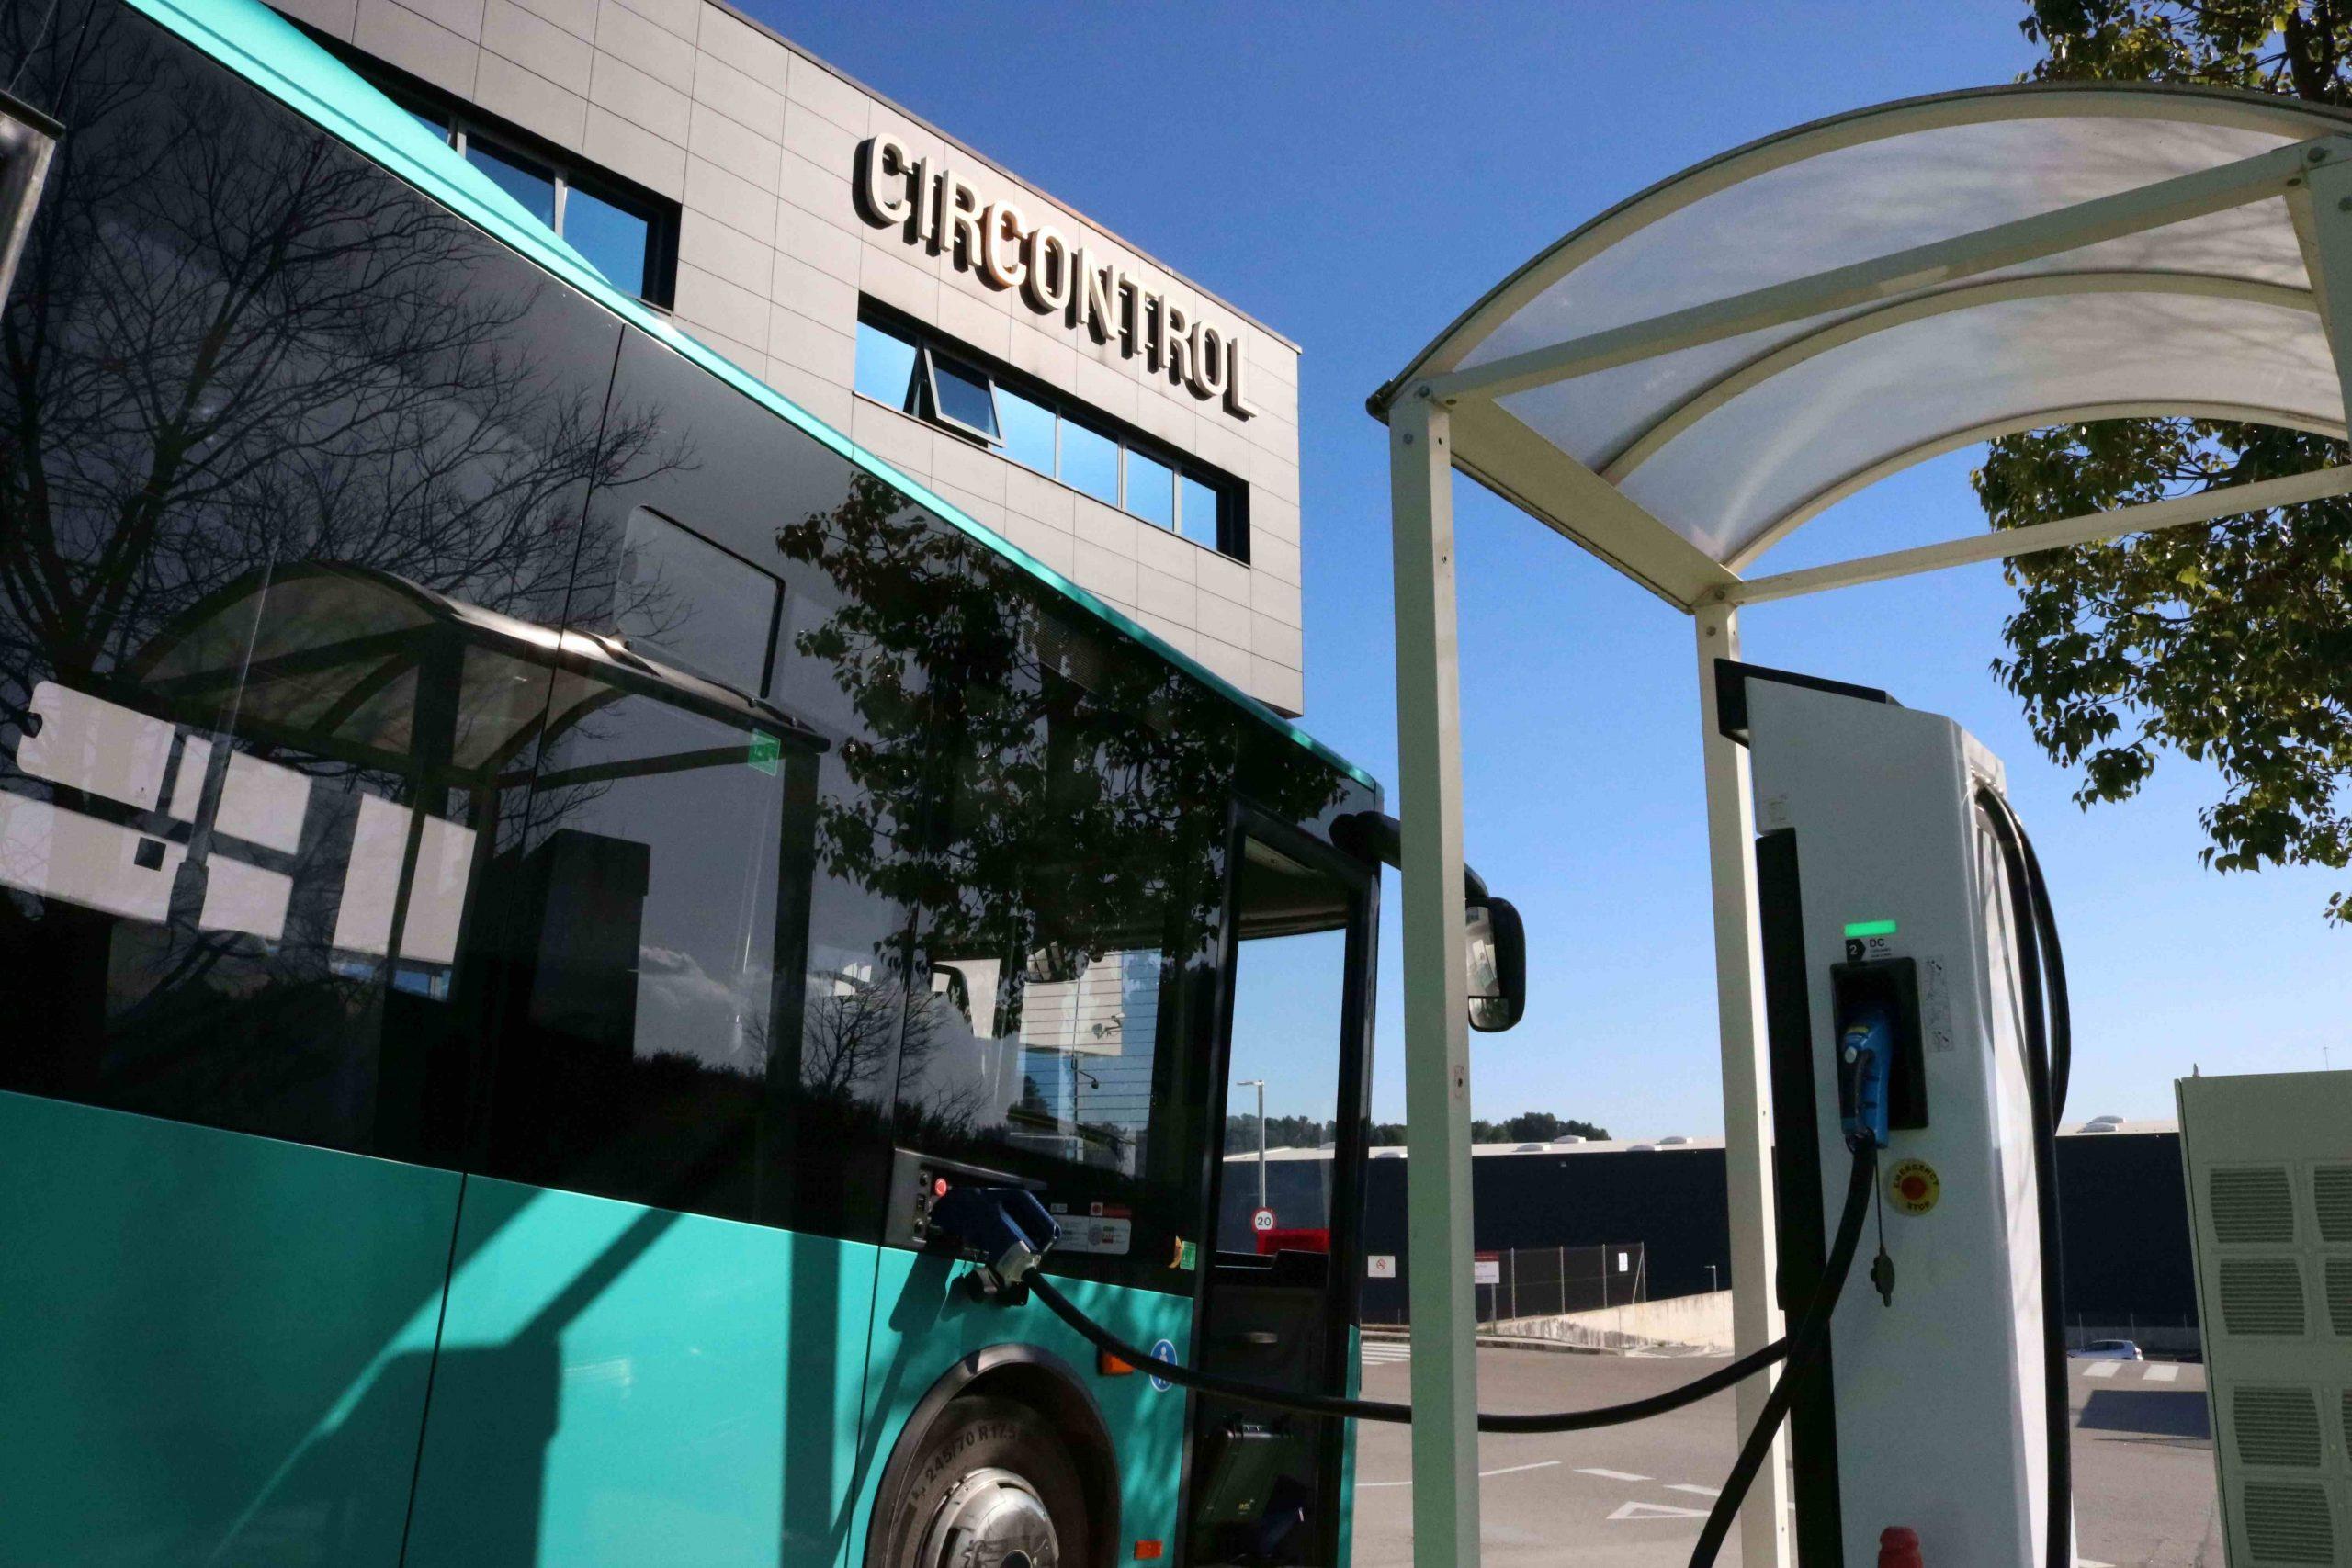 L'autobús elèctric recarregant-se a la seu de Circontrol, a Viladecavalls | Circontrol